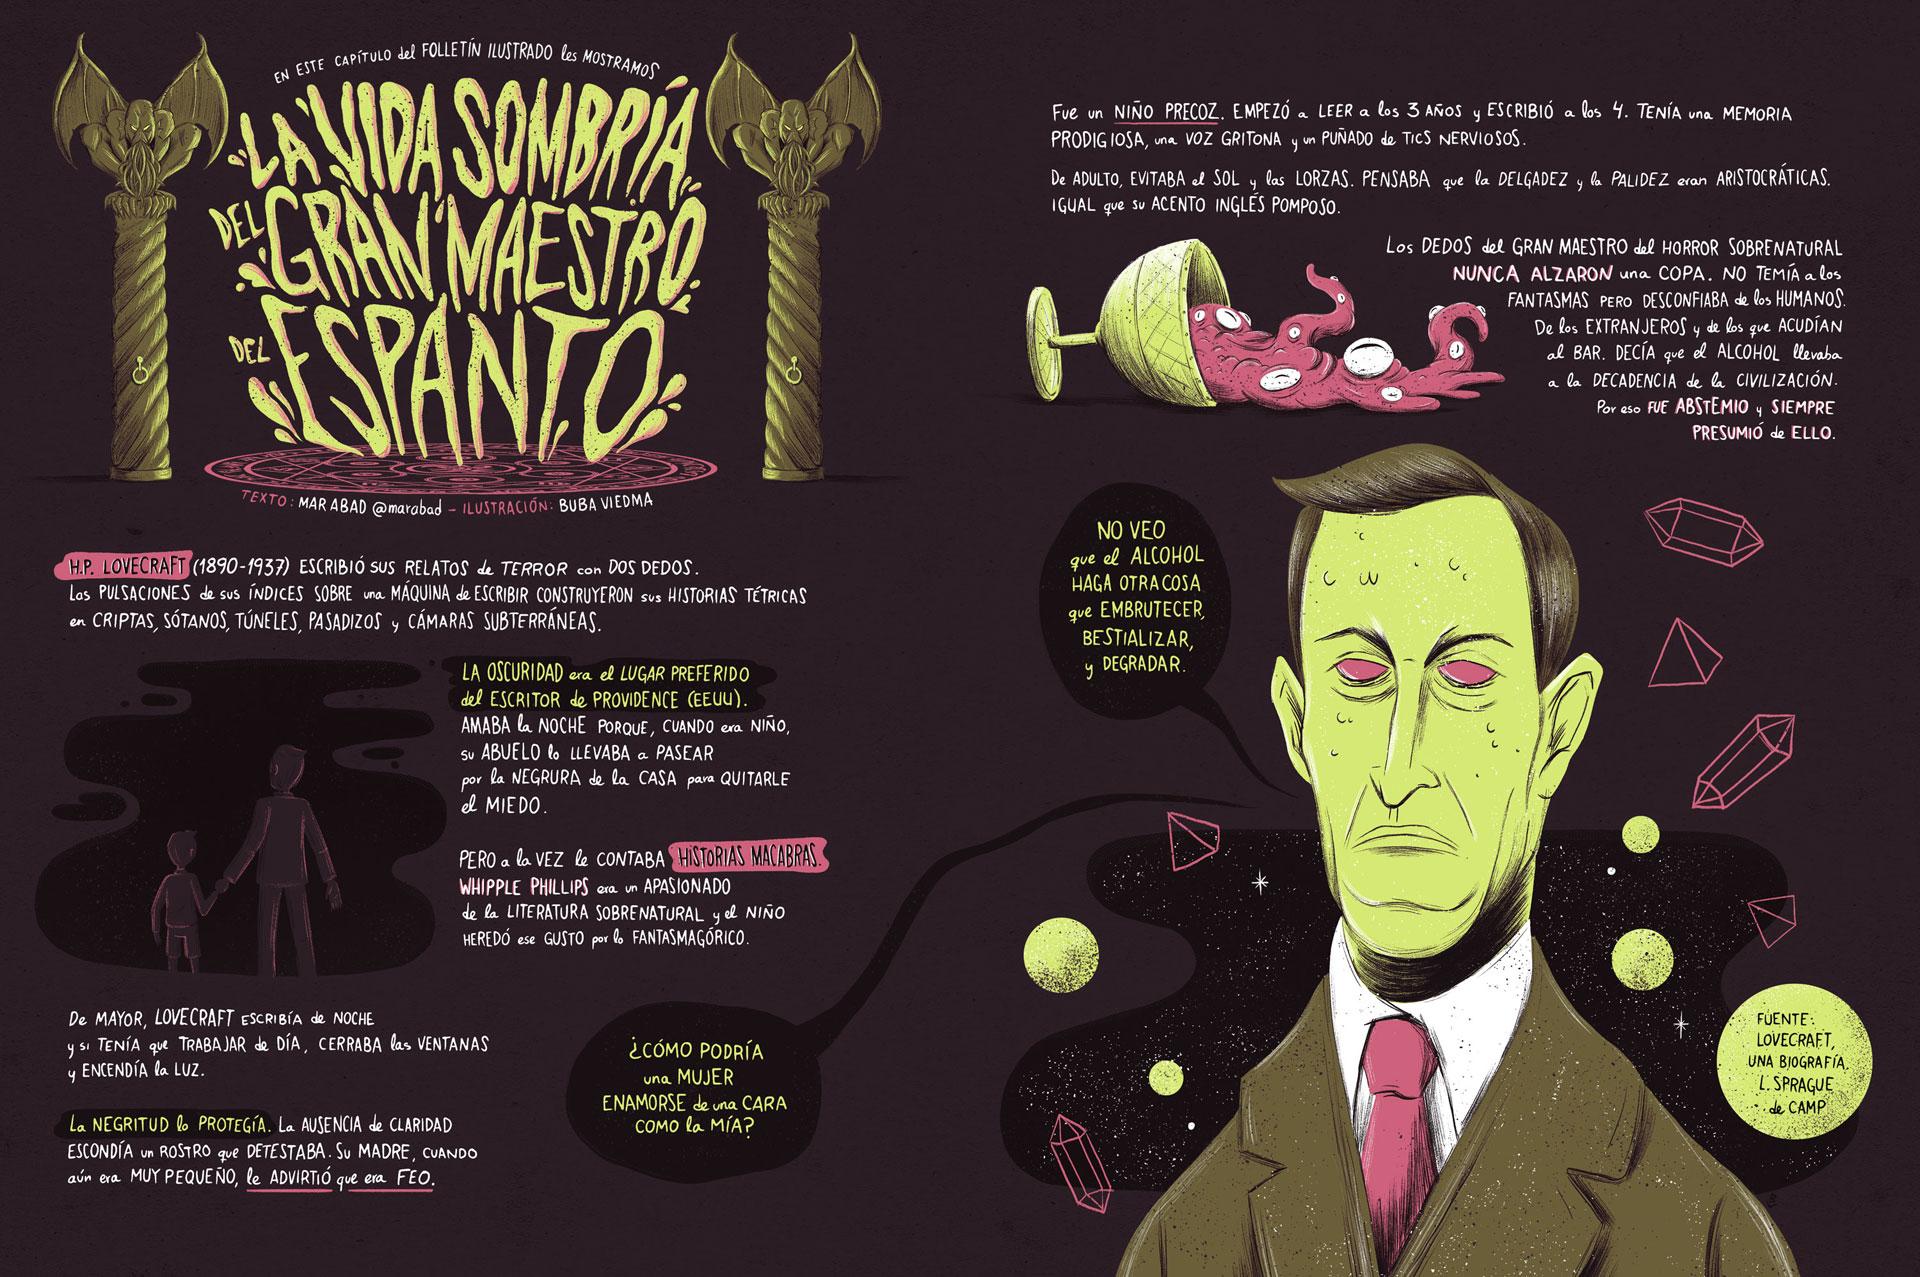 lovecraft folletín